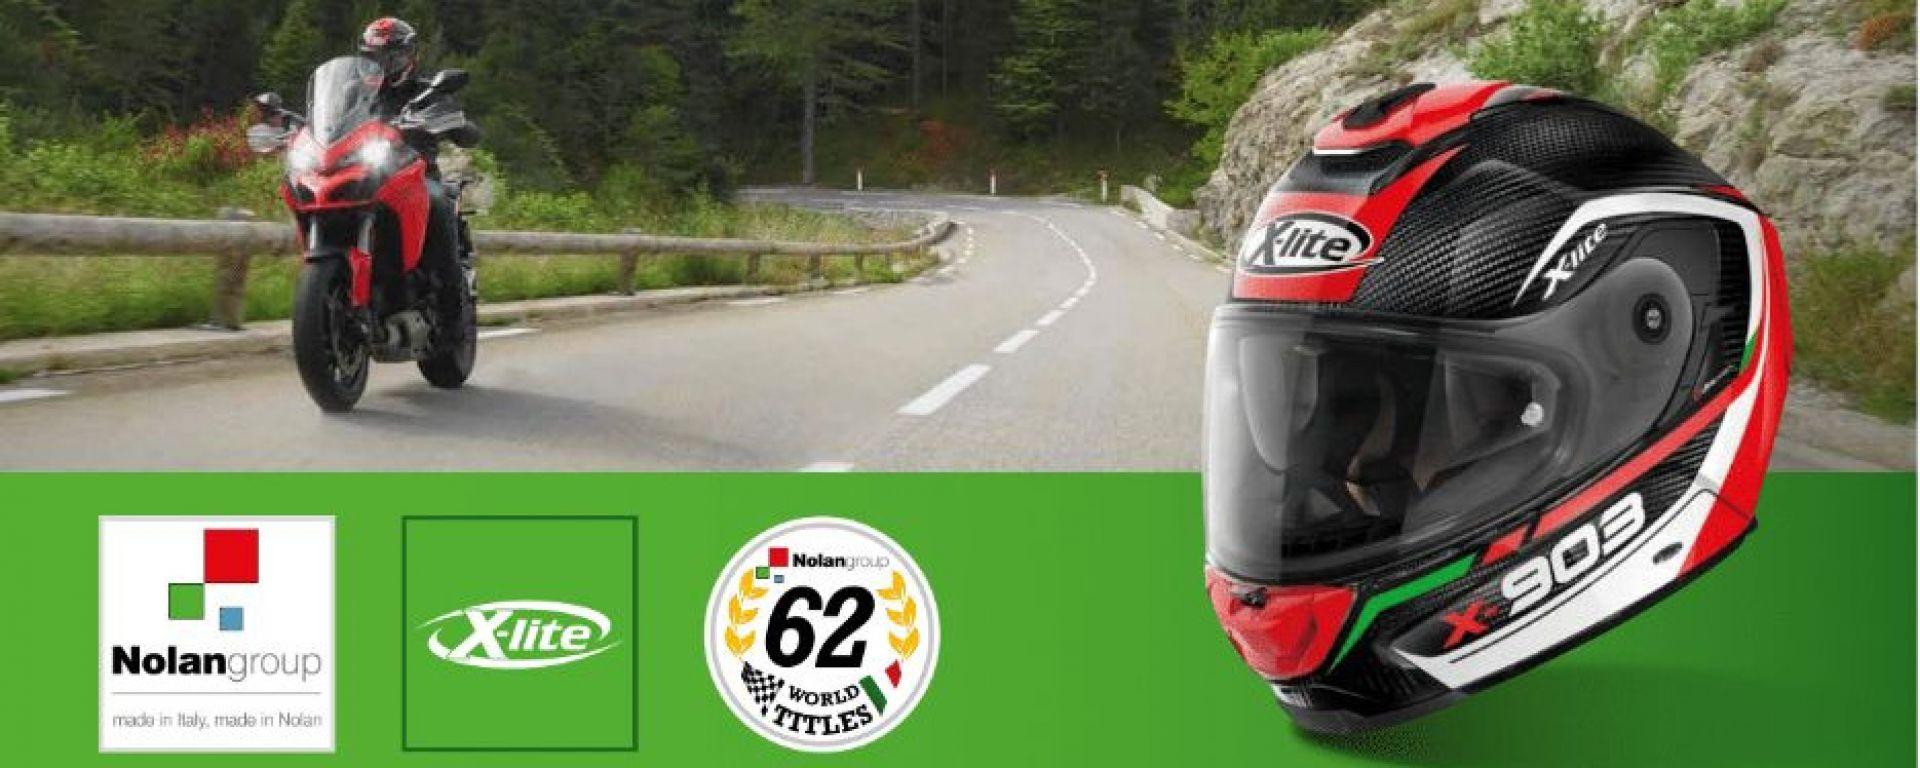 X-lite X-903 Test Ride Tour: parte il tour italiano